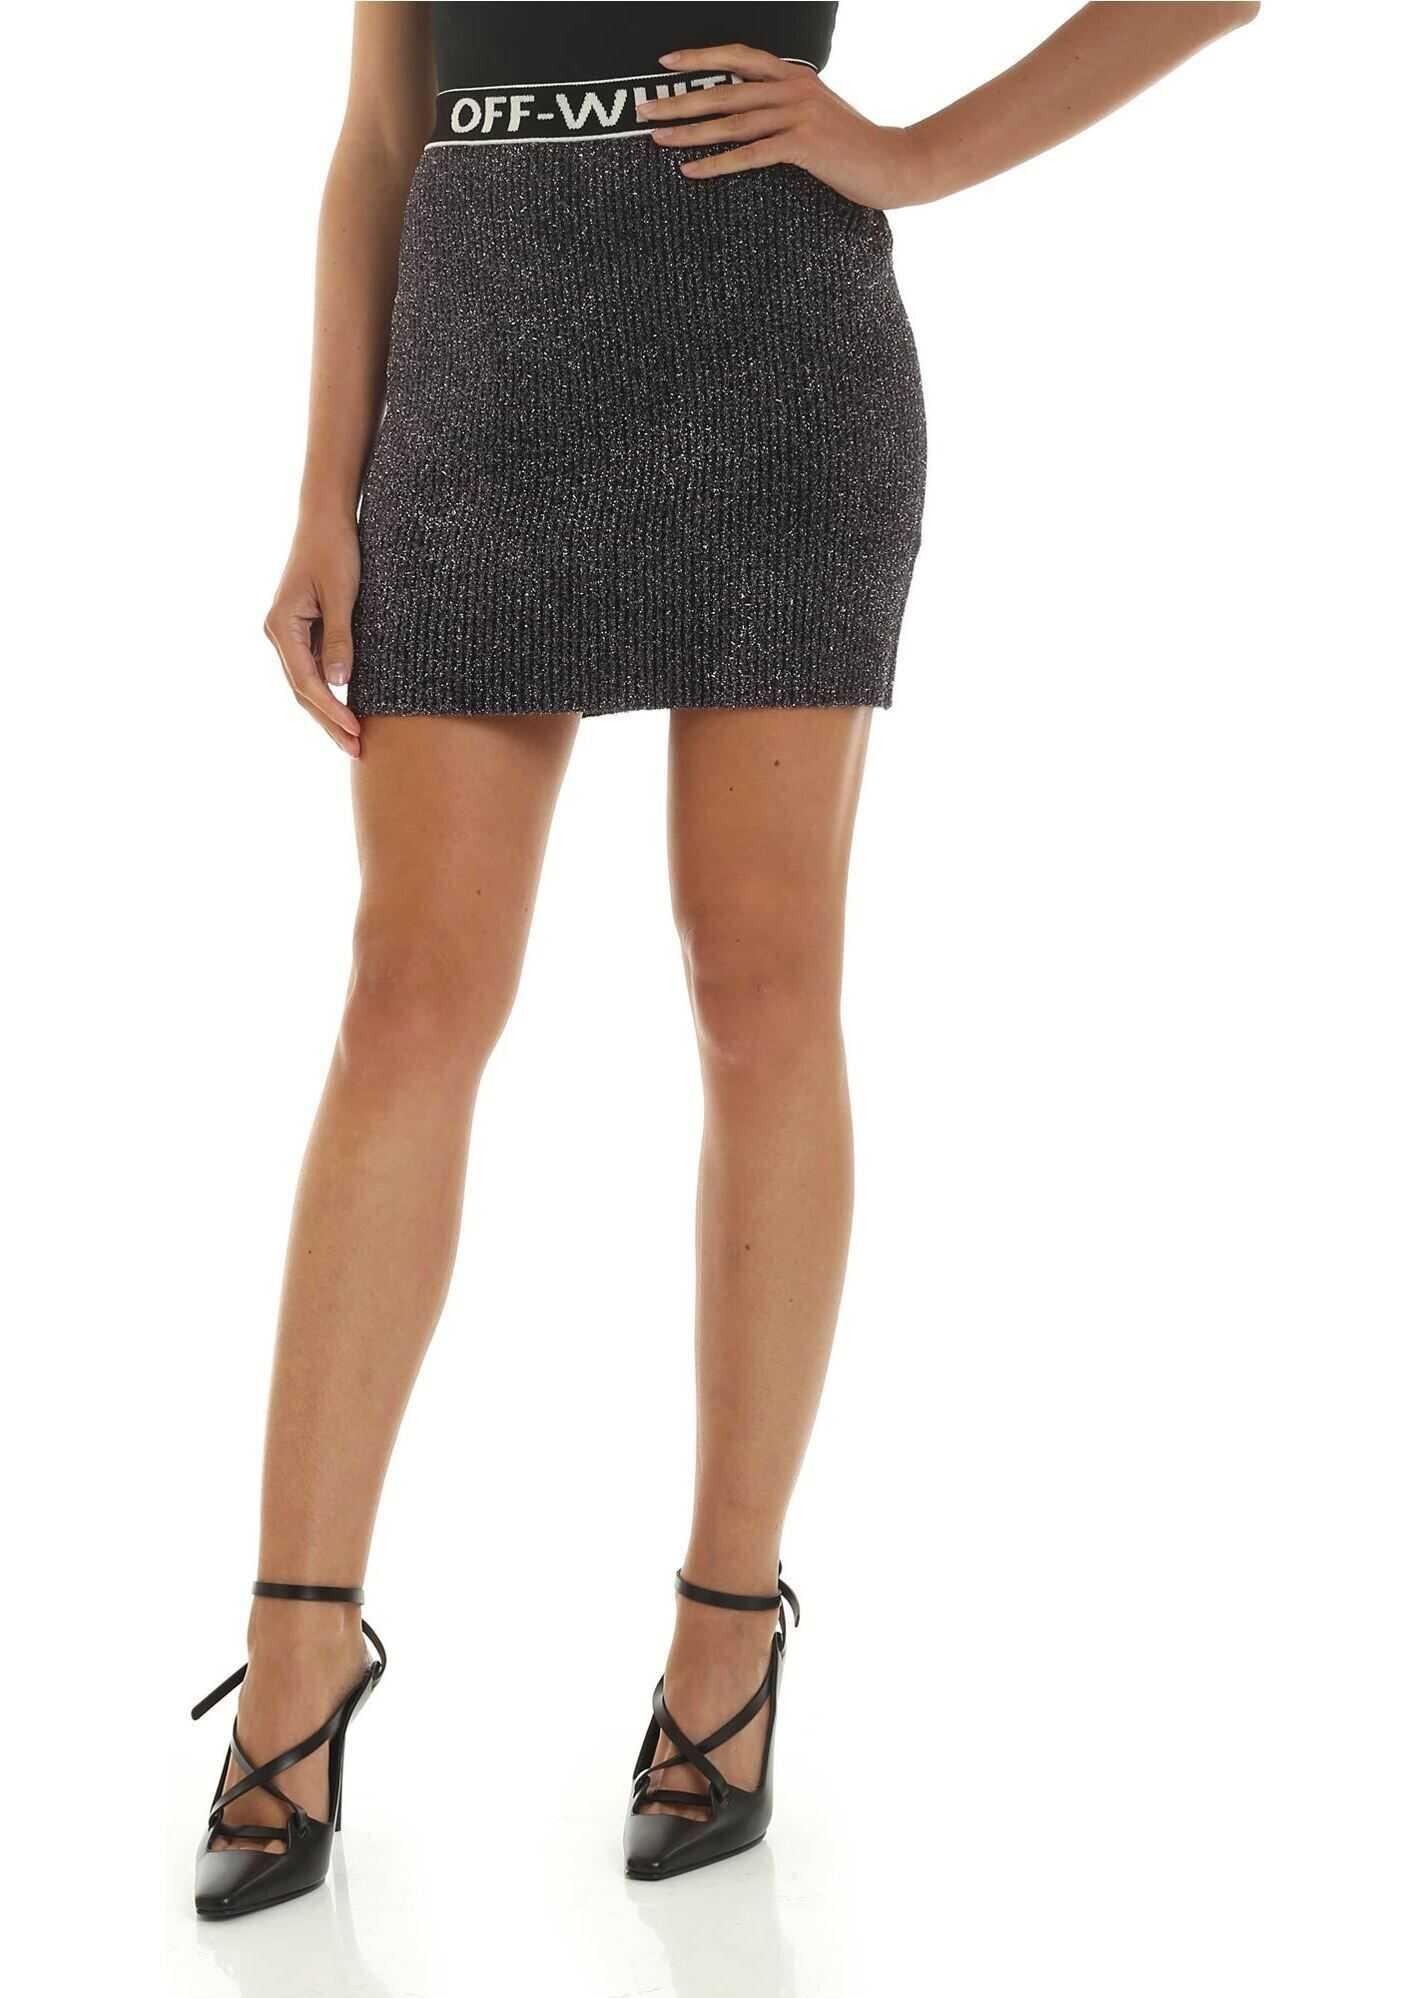 Off-White Black Lamè Mini Skirt Black